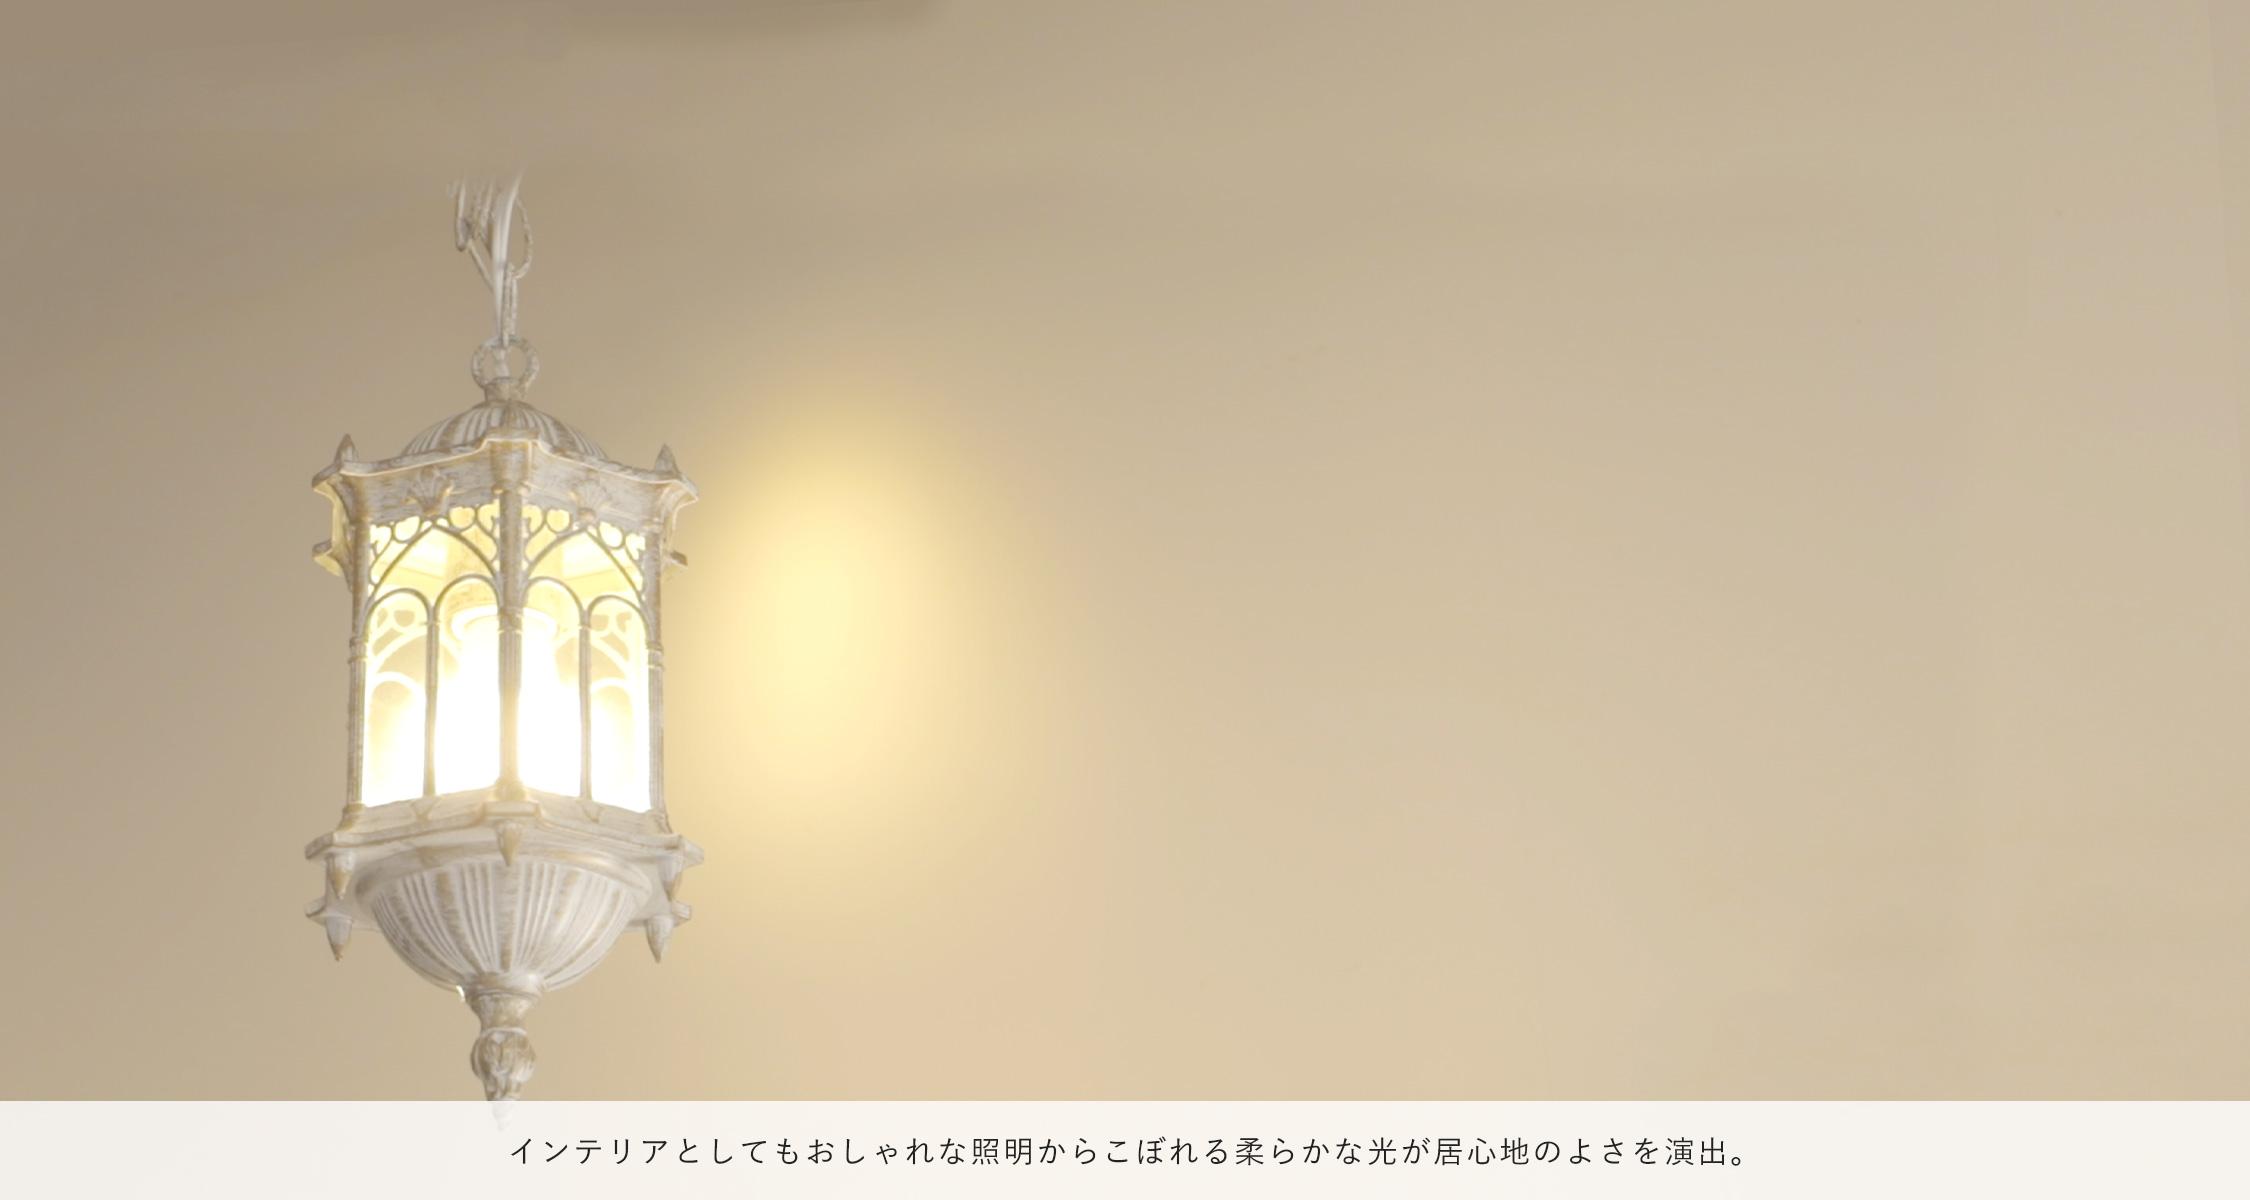 インテリアとしてもおしゃれな照明からこぼれる柔らかな光が居心地のよさを演出。